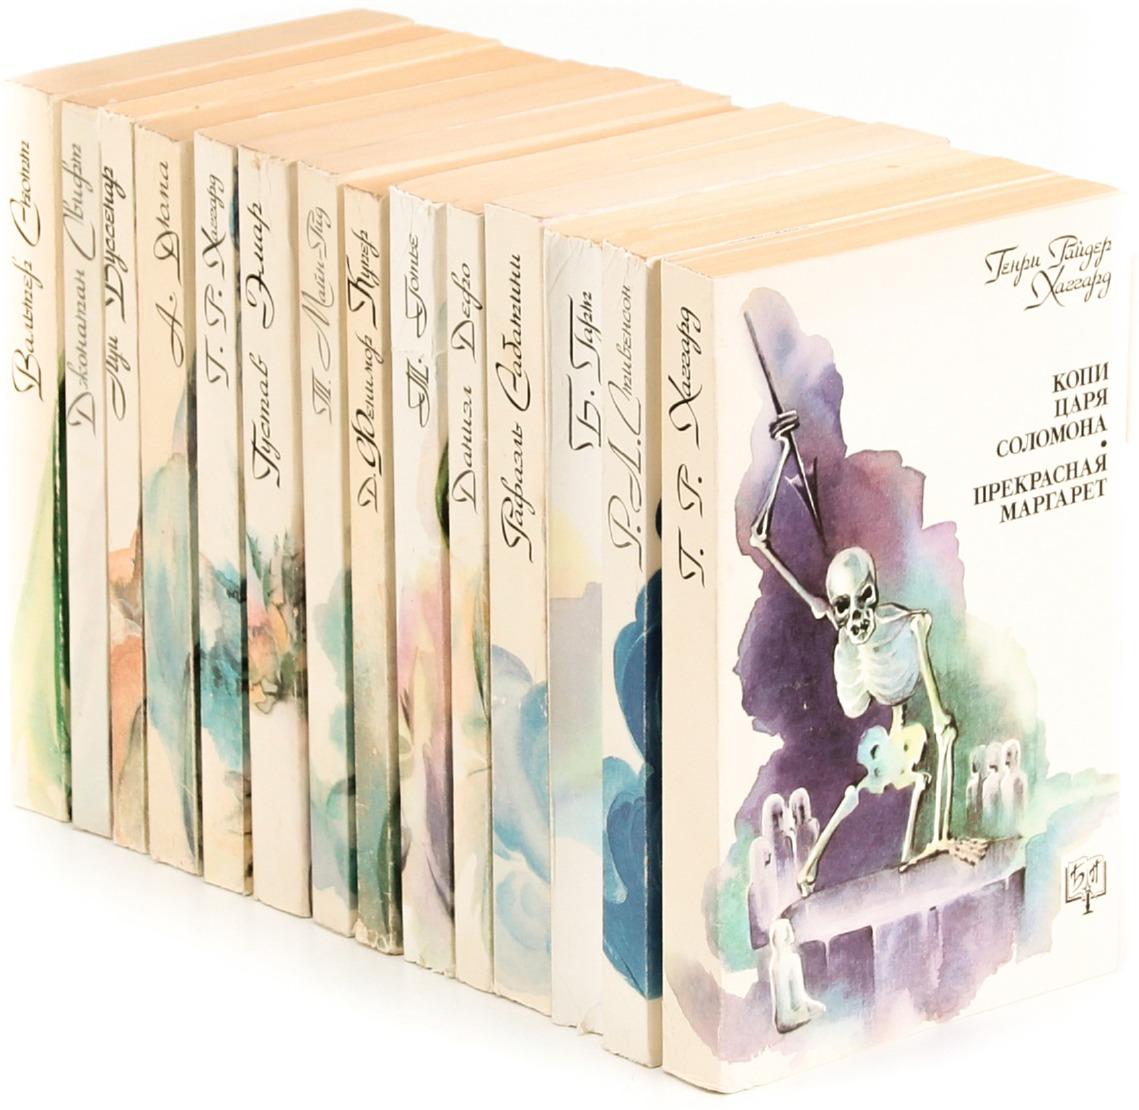 Серия Библиотека приключений (комплект из 14 книг) серия романы приключений комплект из 8 книг